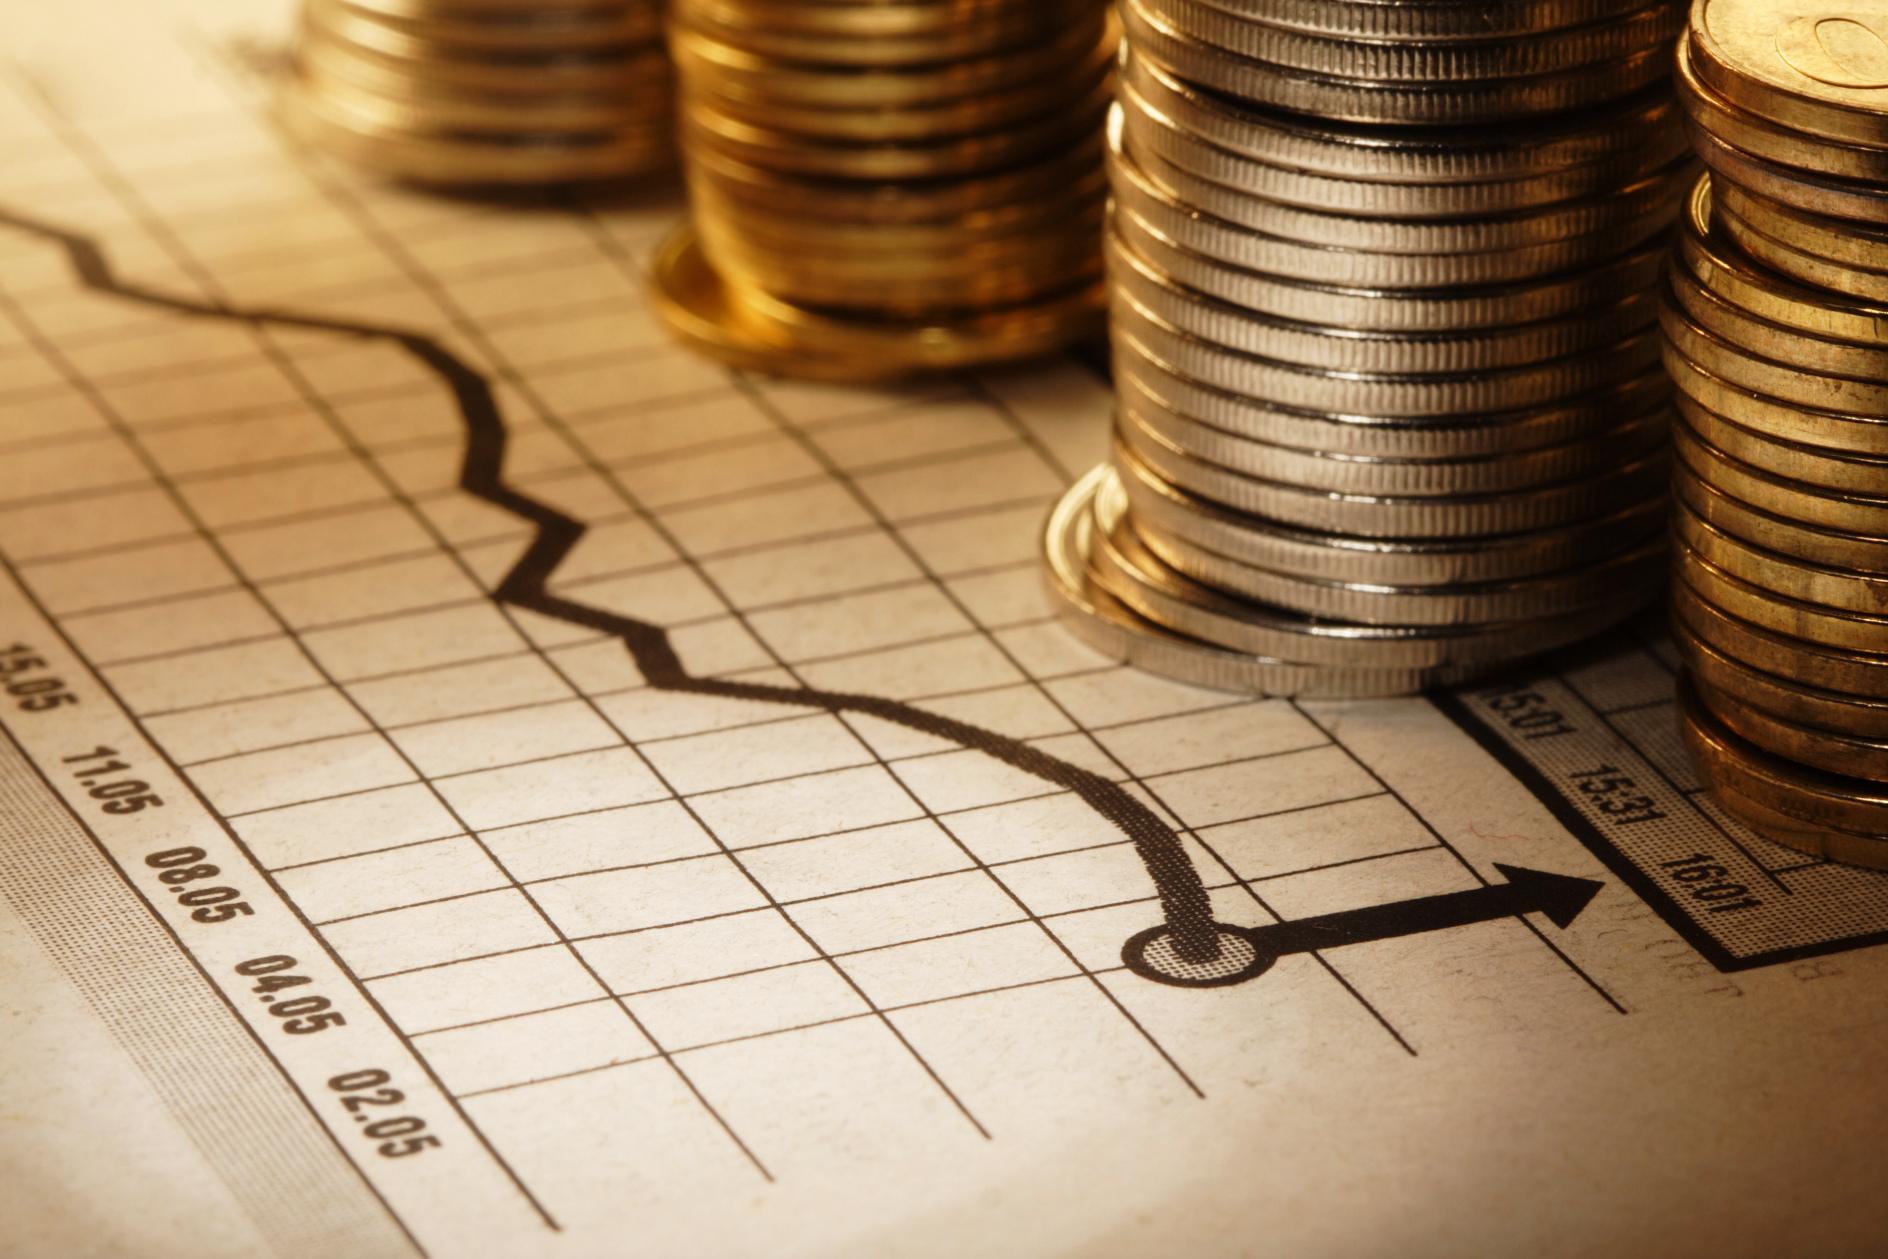 10-year Greek bond yields in decline